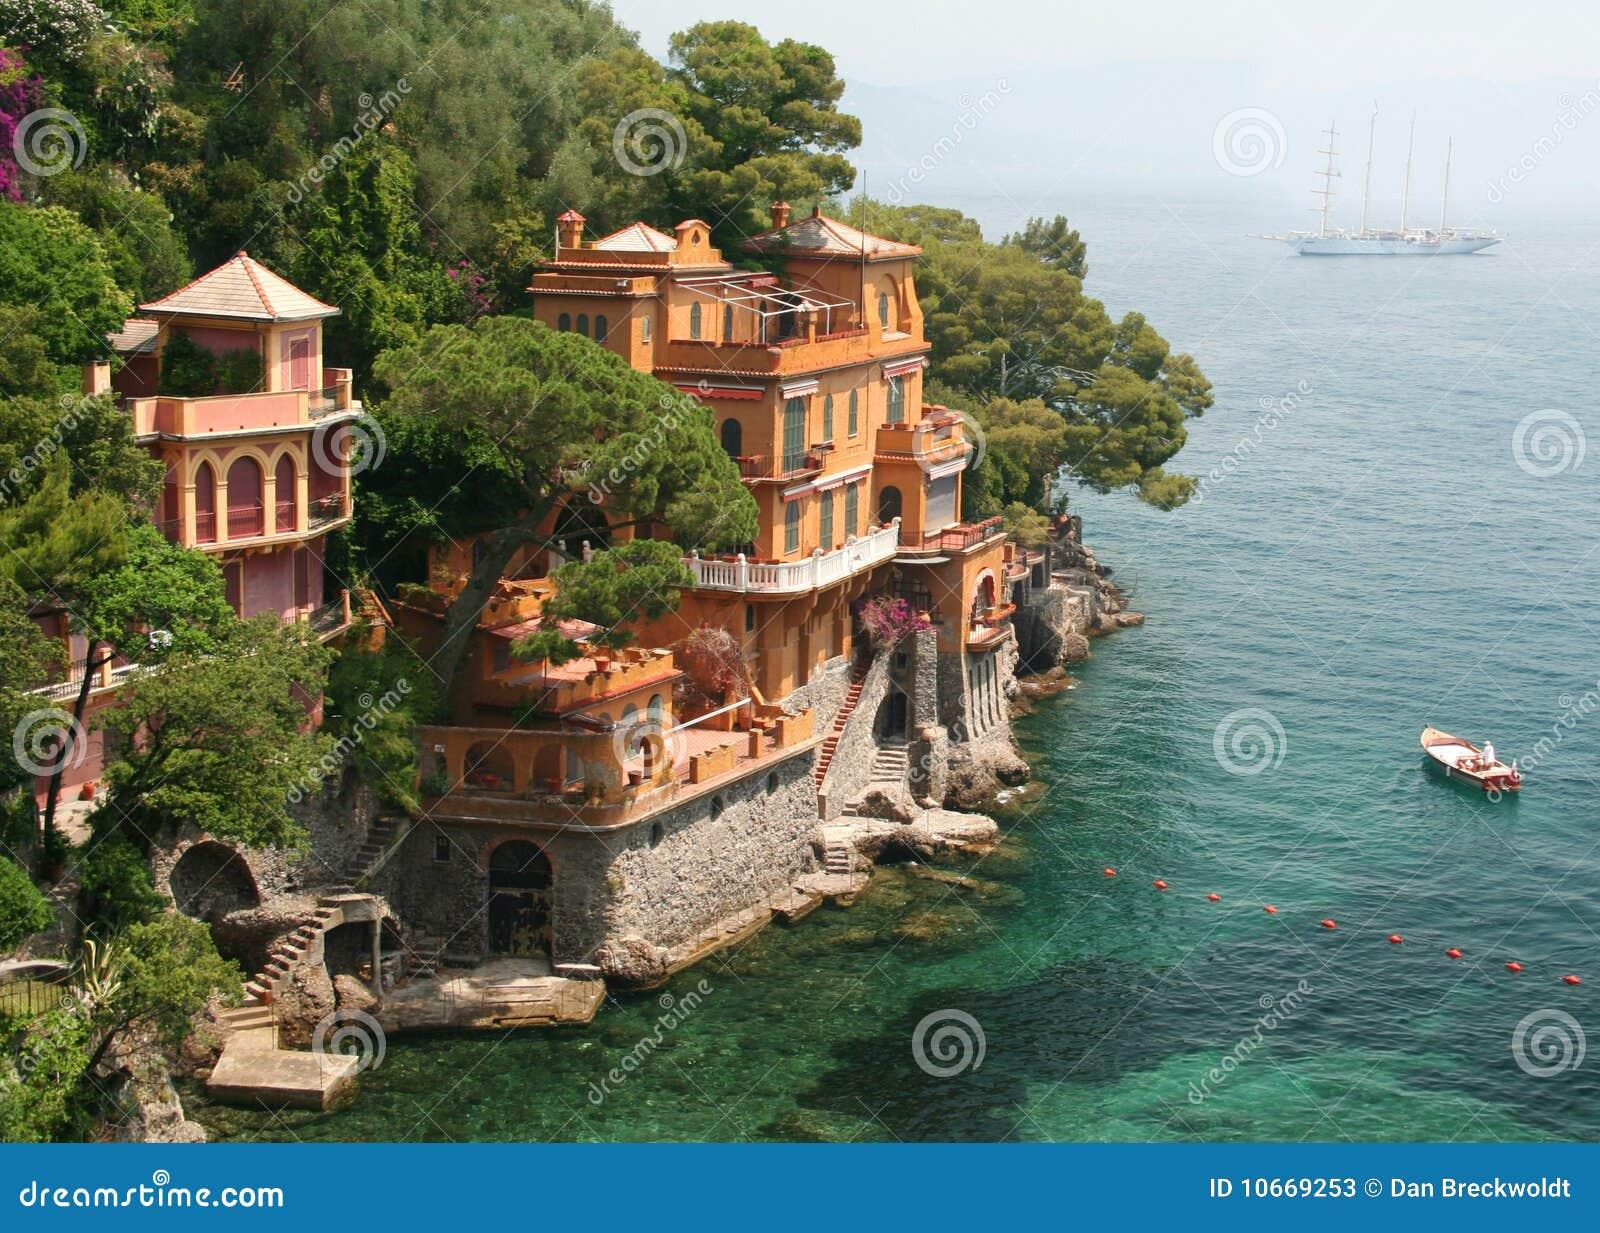 Le ville di spiaggia si avvicinano a portofino italia for Ville in italia